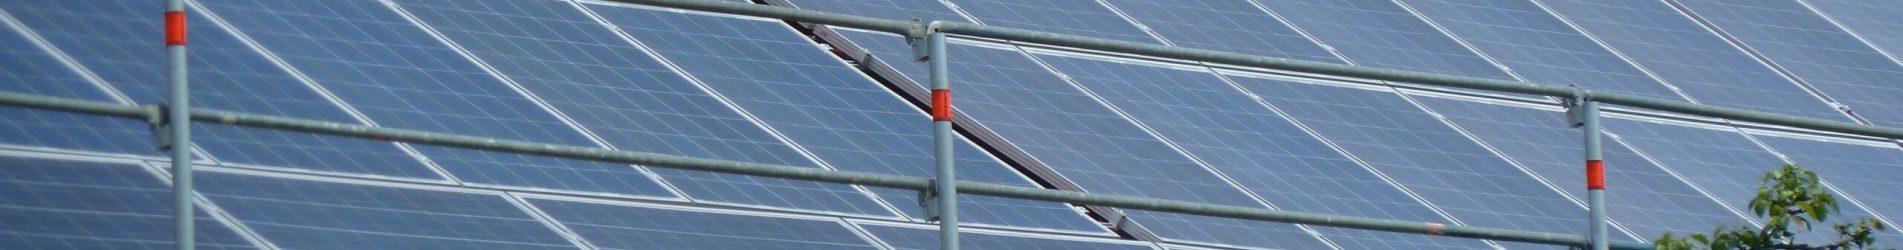 20042021-PM-EcofinConcept-Erfolgreiche-Vermarktung-von-zwei-Solaranlagen-mit-950-kWp-Nennleistung